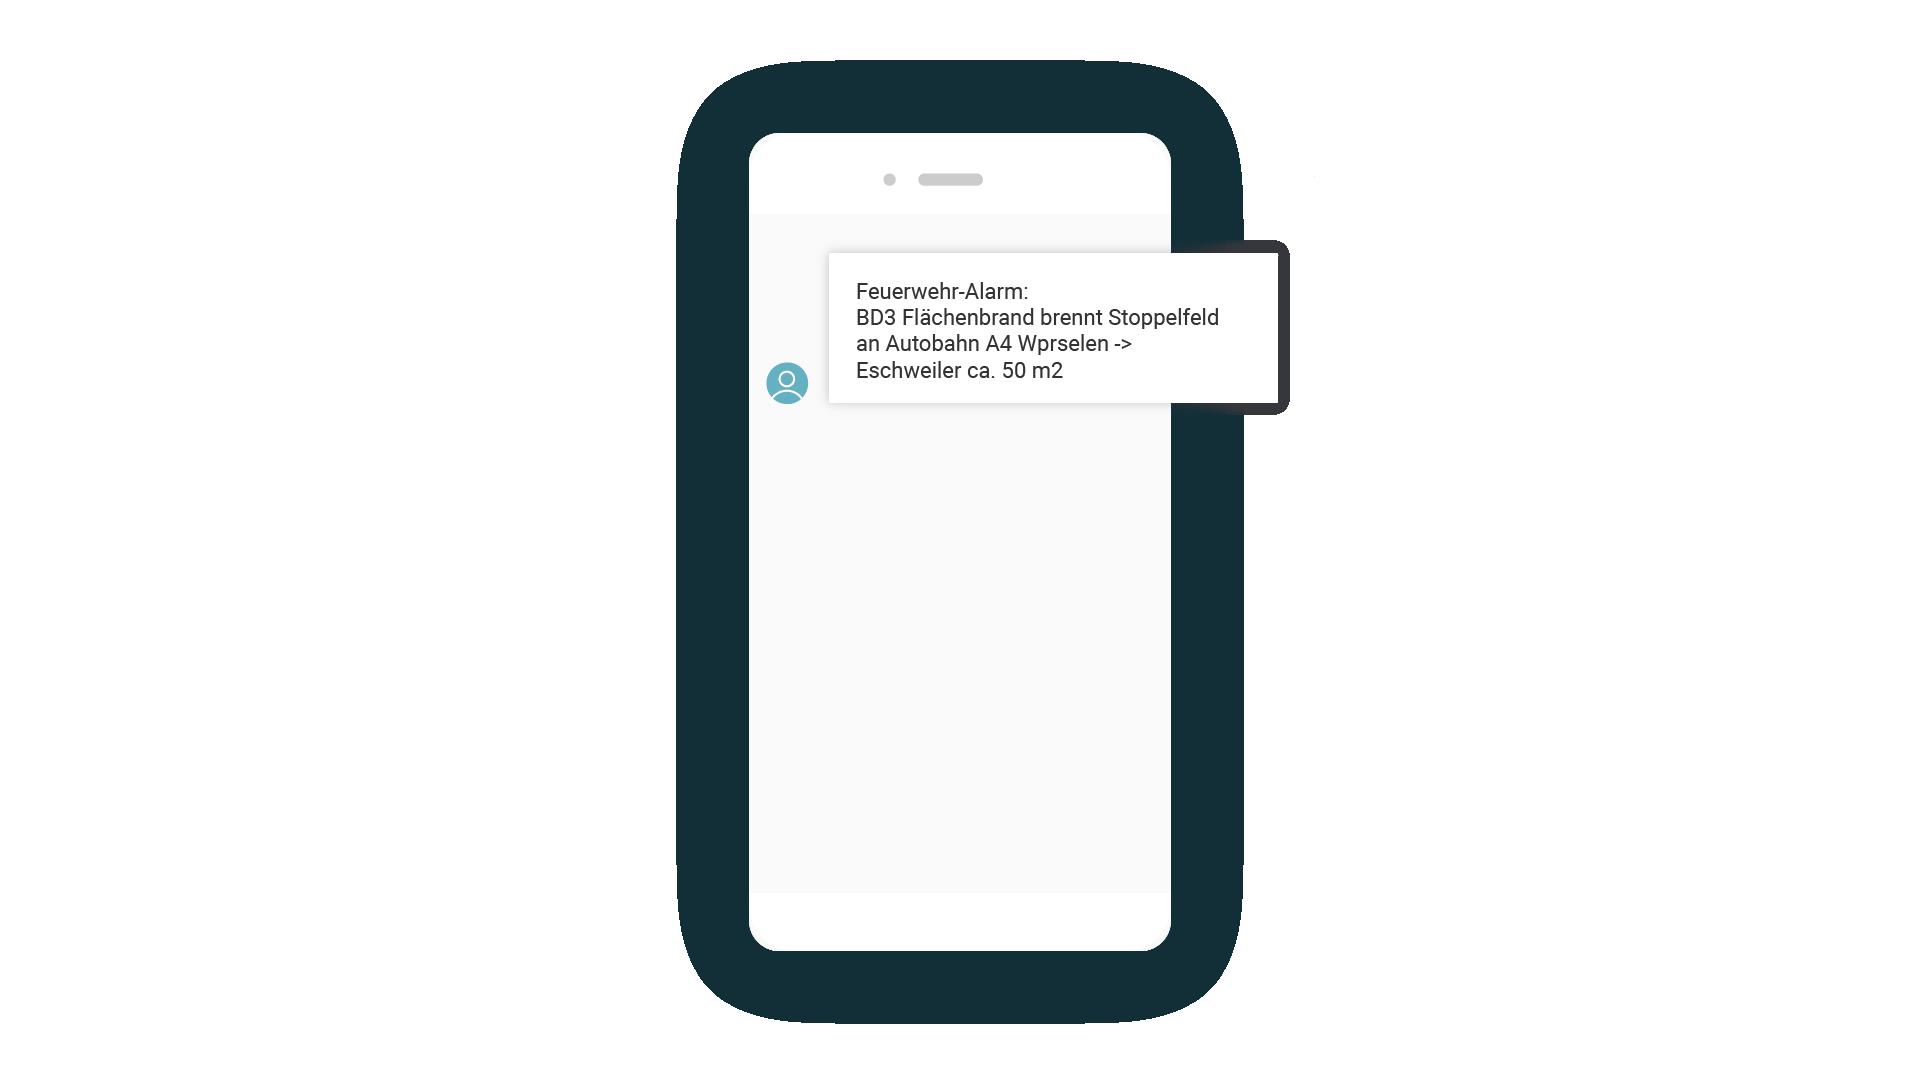 LINK Mobility - SMS von Feuerwehr mit Alarmmeldung